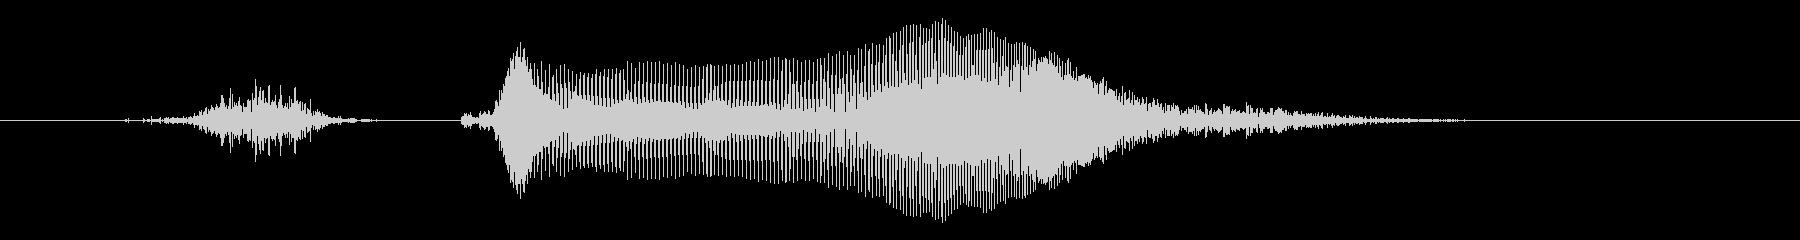 【ラジオ・パーソナリティ・ED】誓おう!の未再生の波形